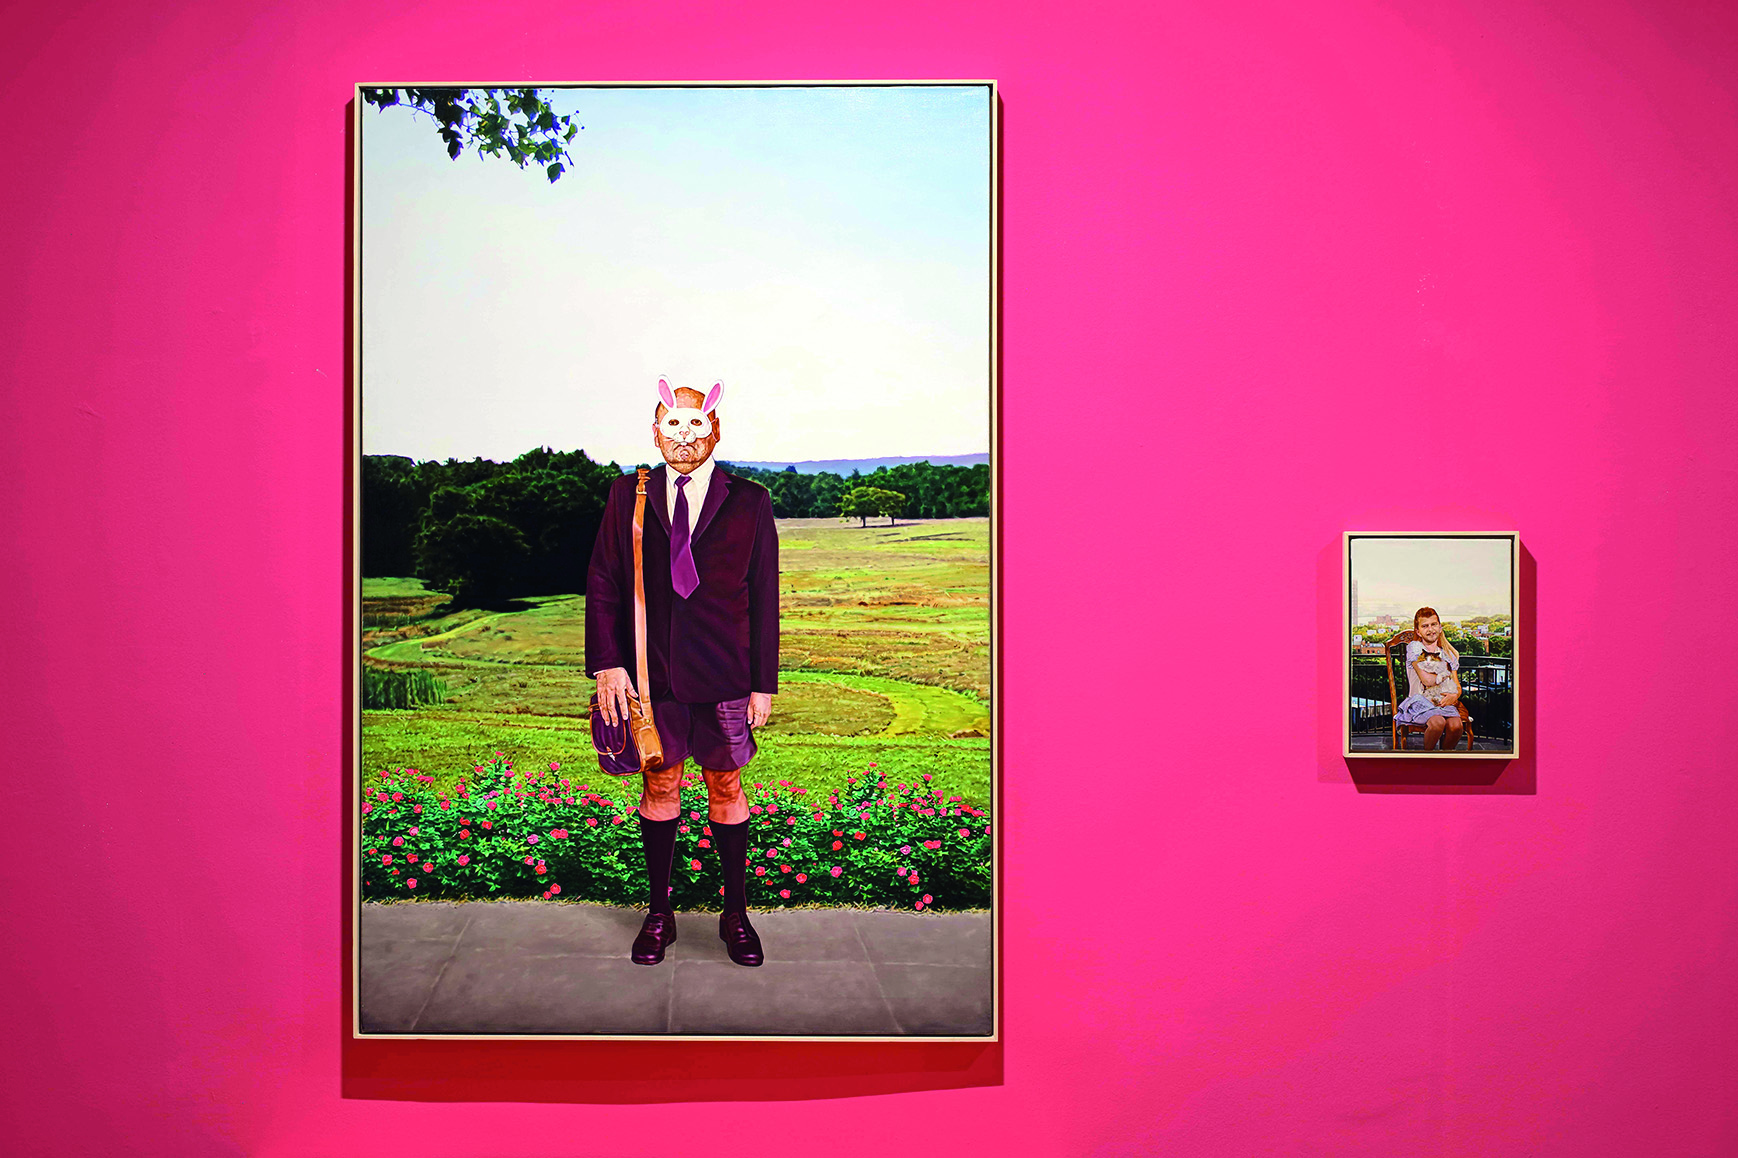 Pavlovoćevi nadrealni prizori stvaraju nelagodu i potvrđuju suvremeni realizam kao ponekad zastrašujući uvid u umjetnikovu svijest